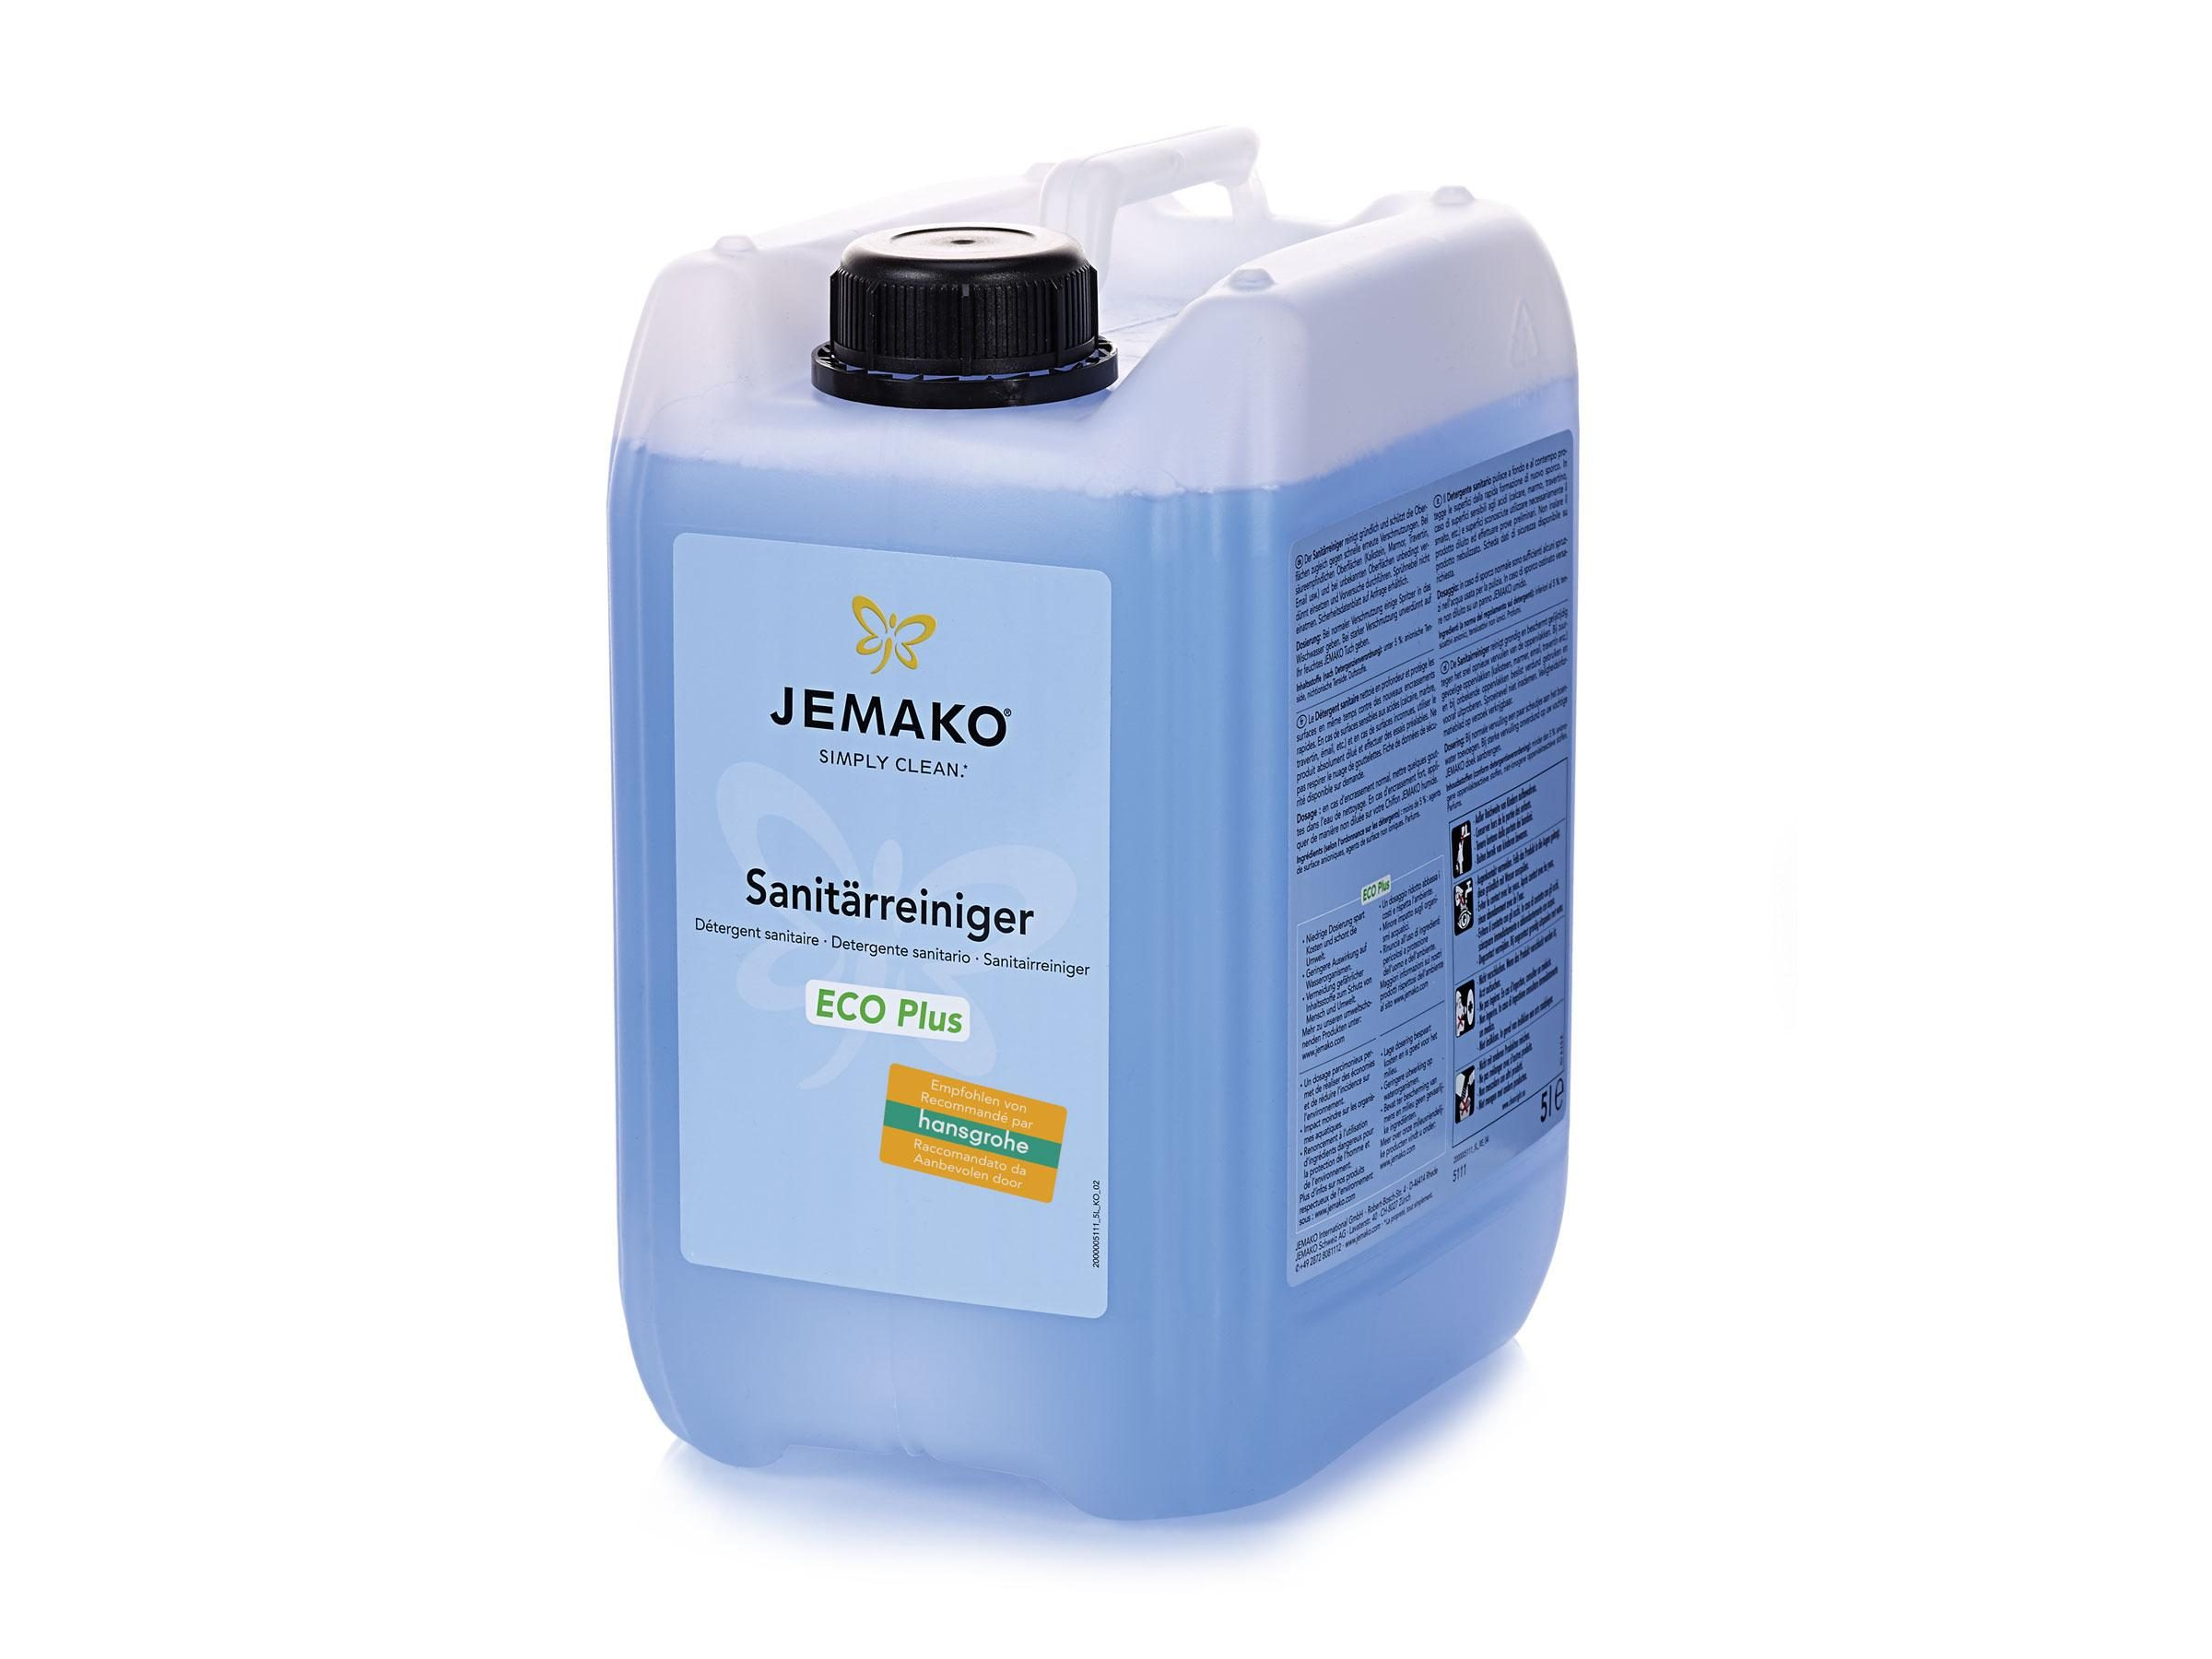 JEMAKO® Sanitärreiniger Kanister online kaufen bei TOPCLEAN24!